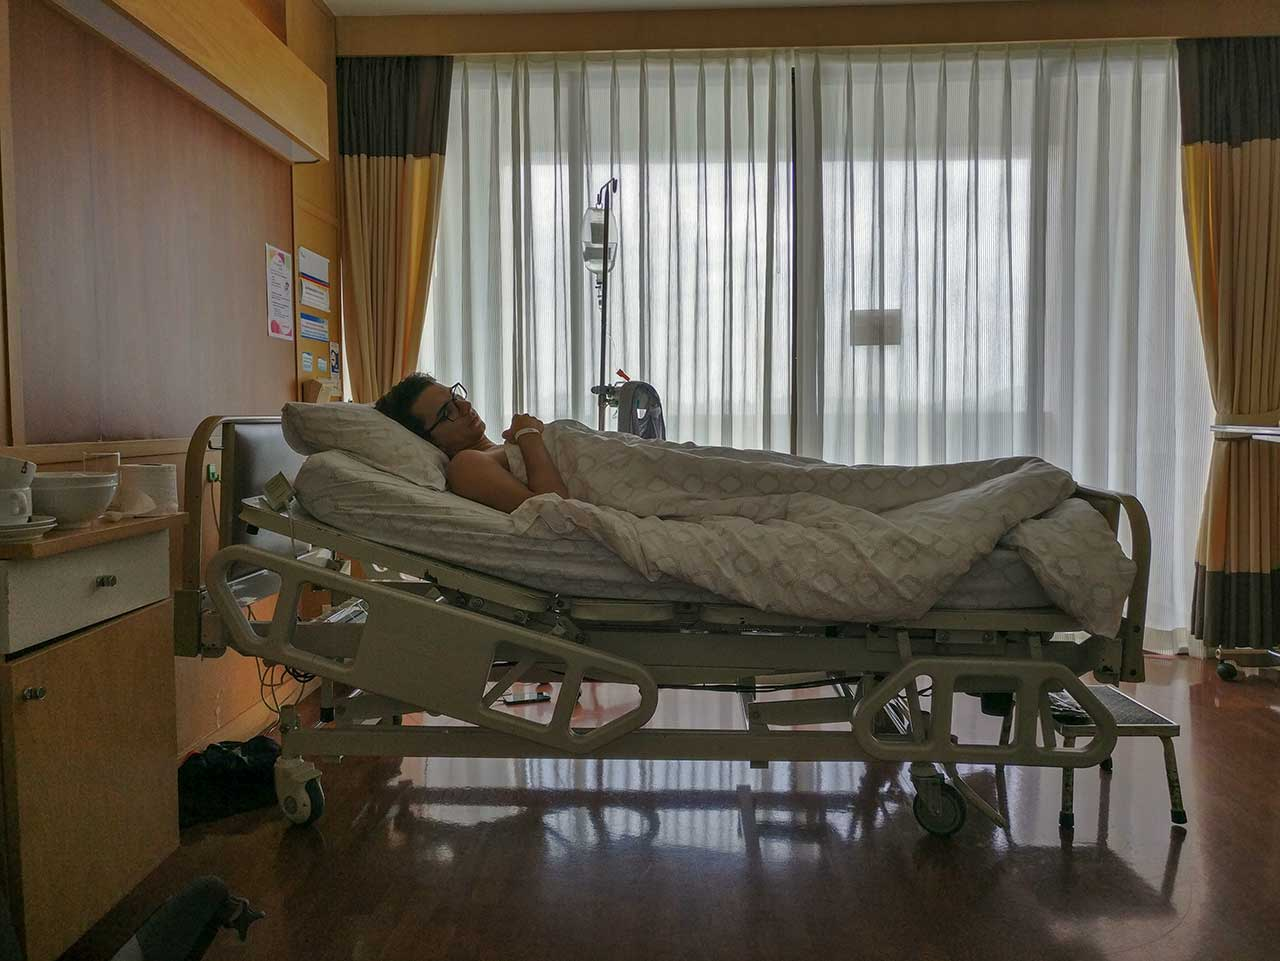 Valentin im Phuket Hospital in Thailand